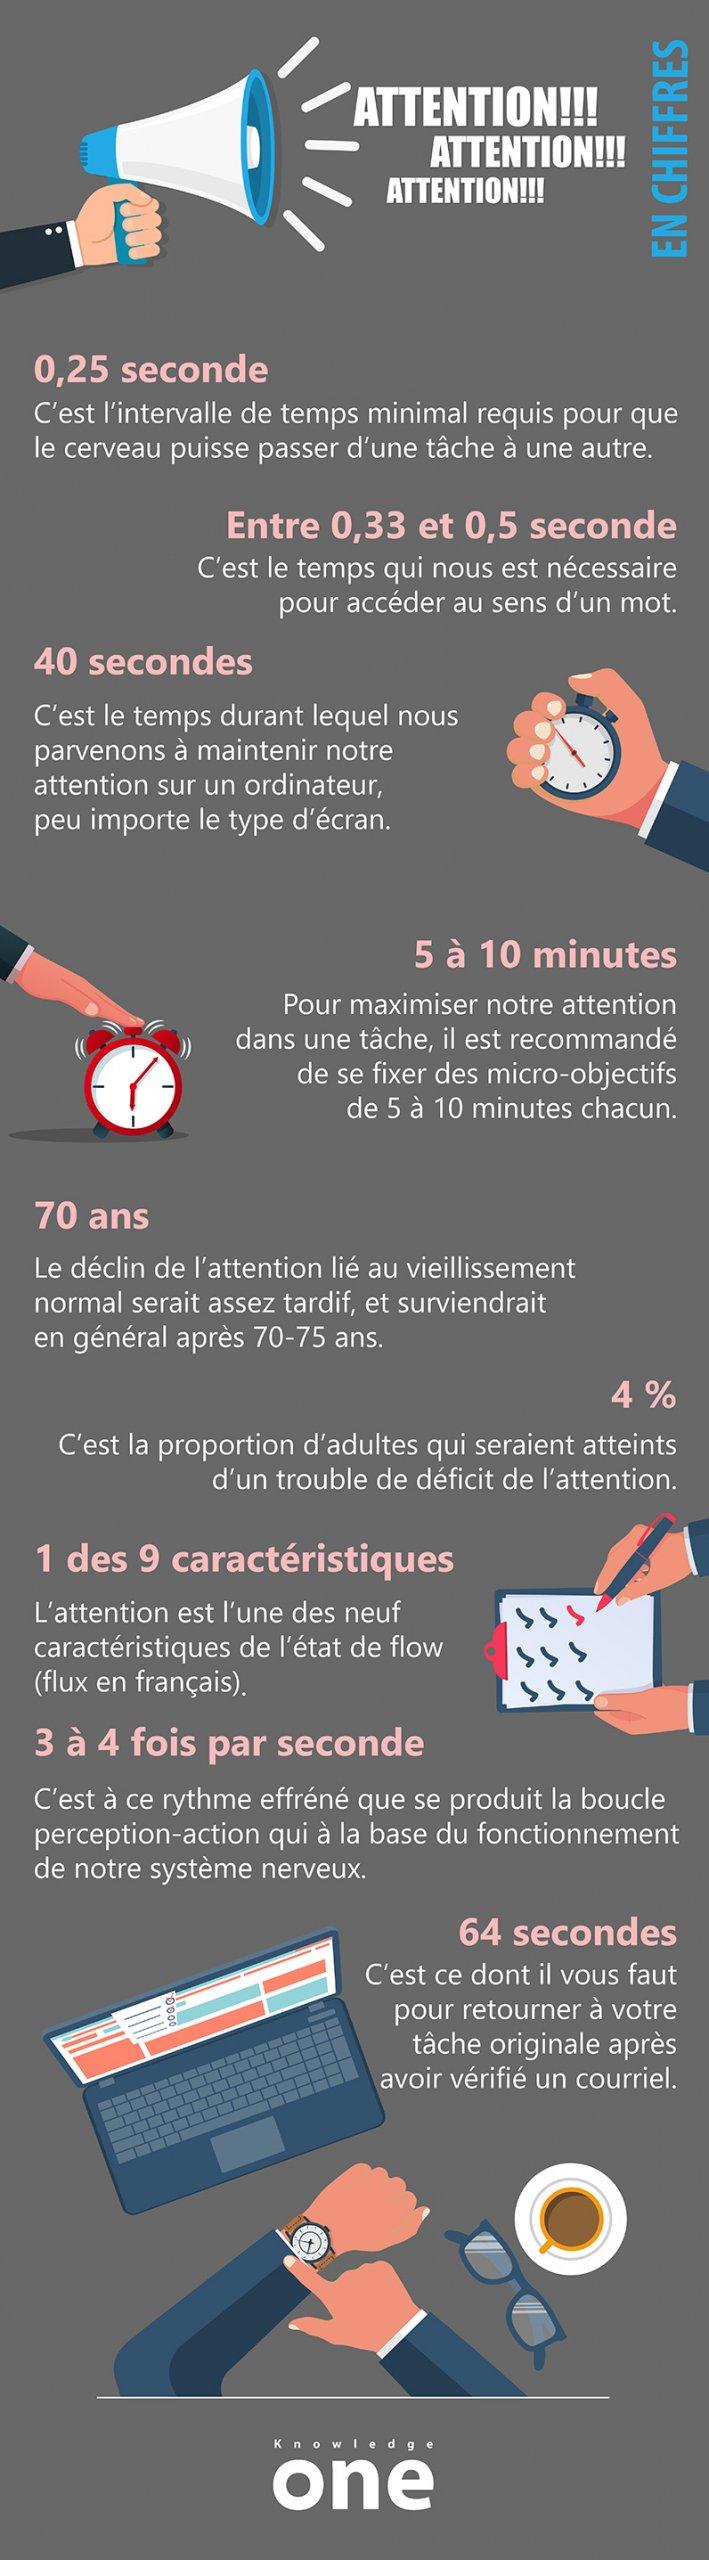 Infographie sur l'attention